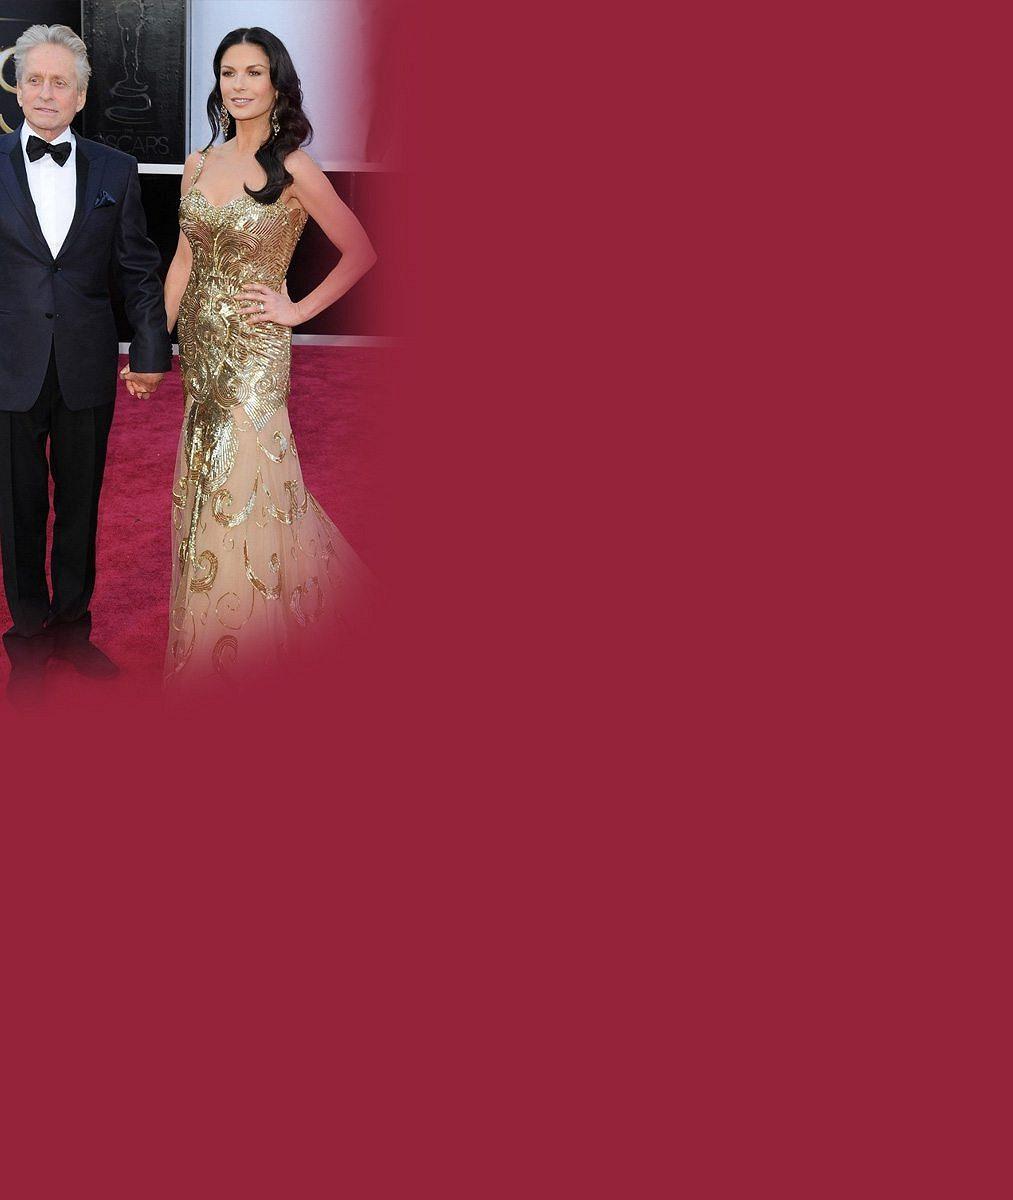 Slavný herecký pár slaví jubileum: 7 fotek zachycujících bouřlivý vztah Michaela Douglase a o 25 let mladší Catherine Zety-Jones